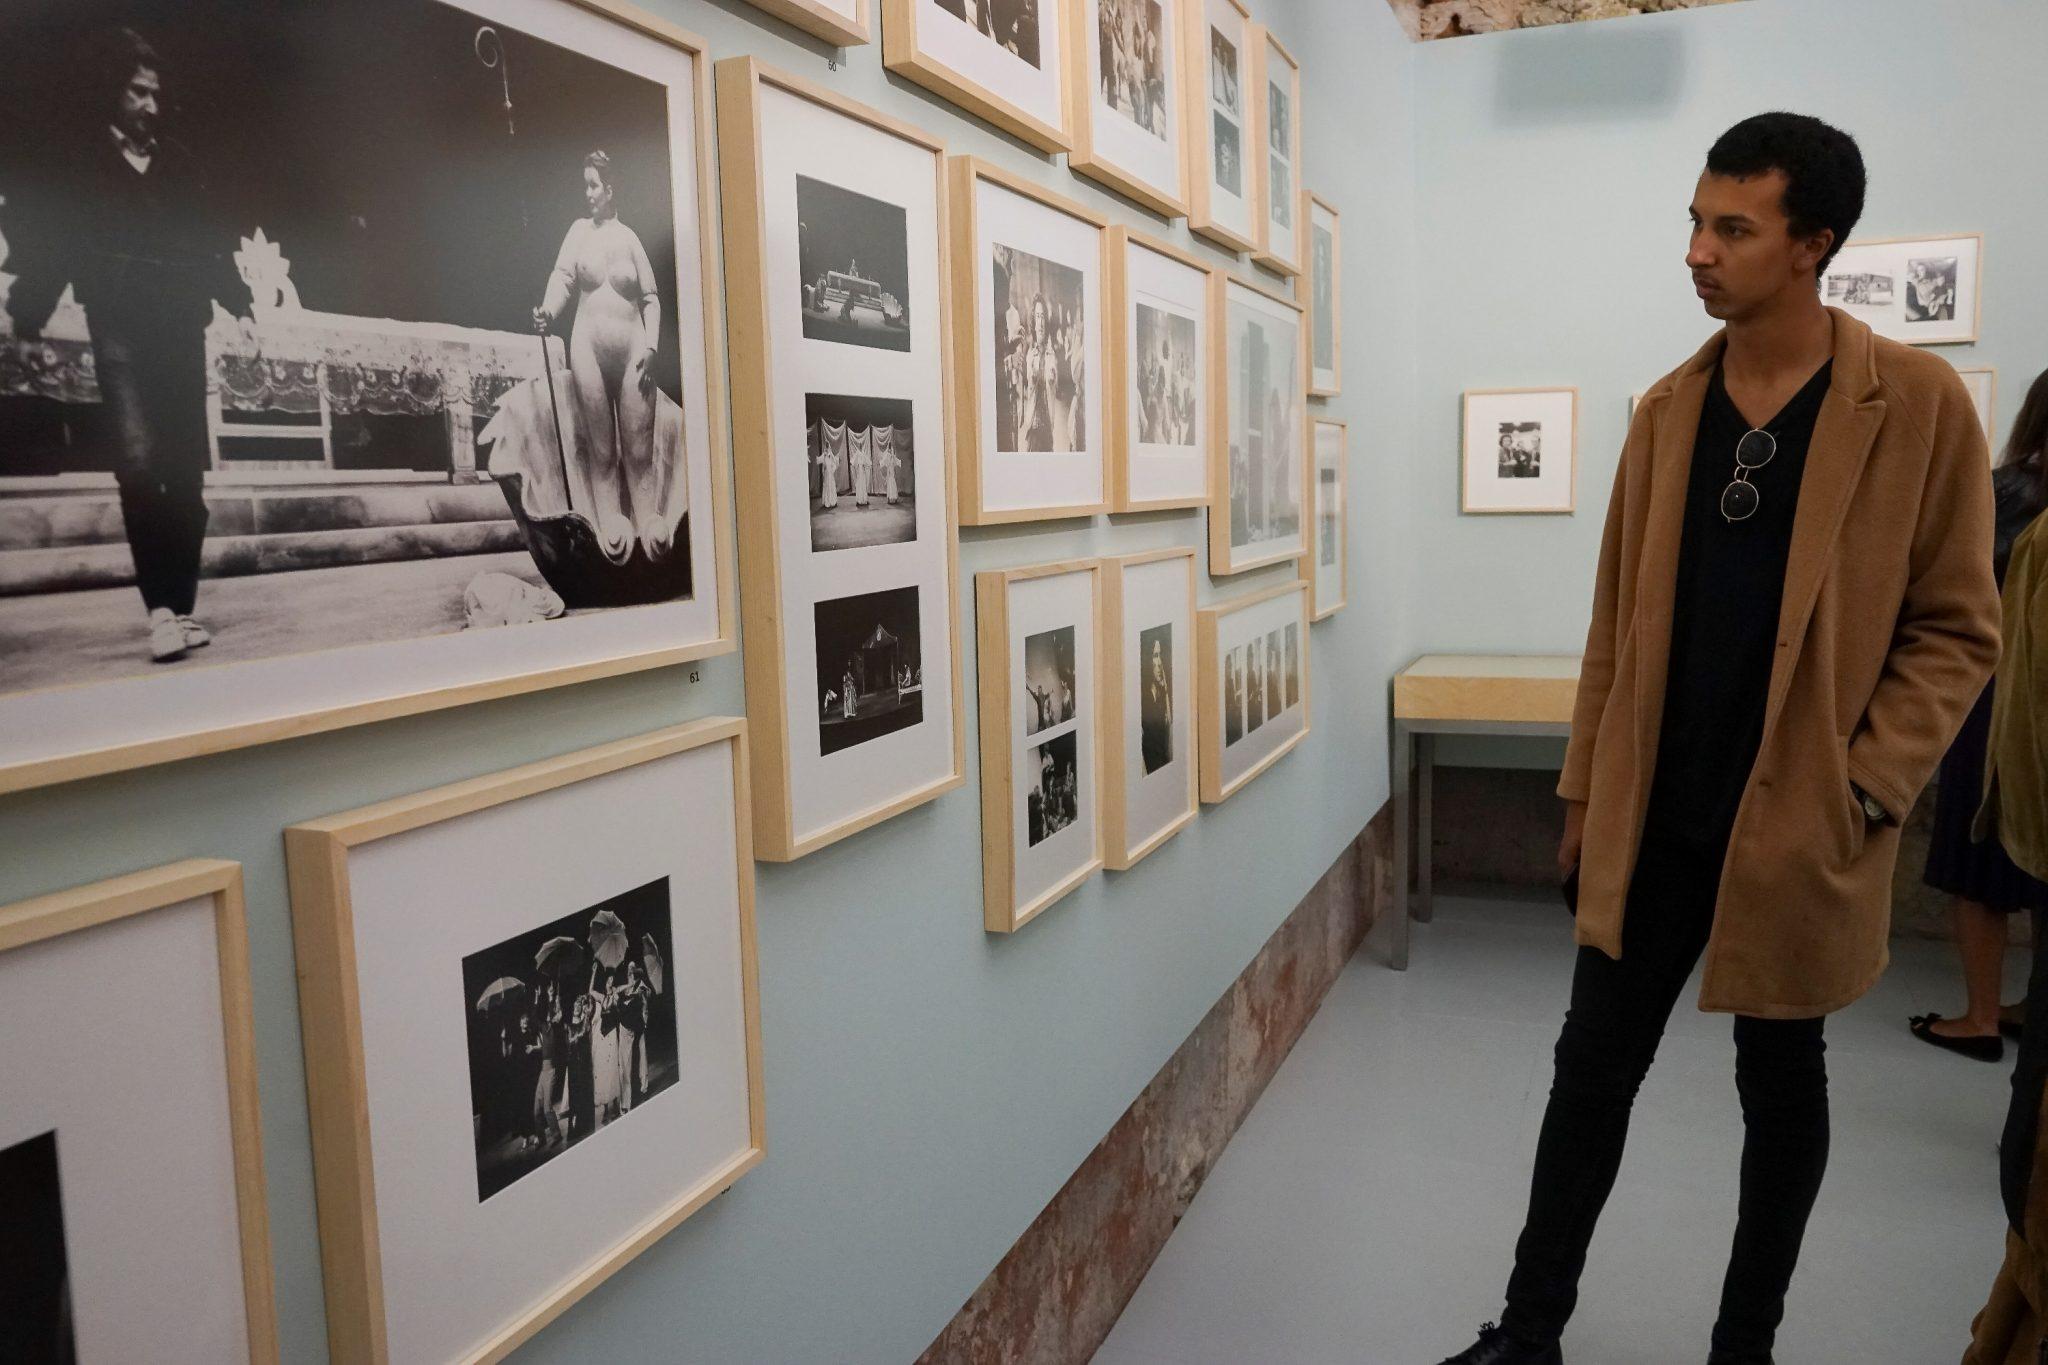 Lateral para o observador, uma parede preenchida de fotografias emolduradas de fotografias a preto e branco da exposição